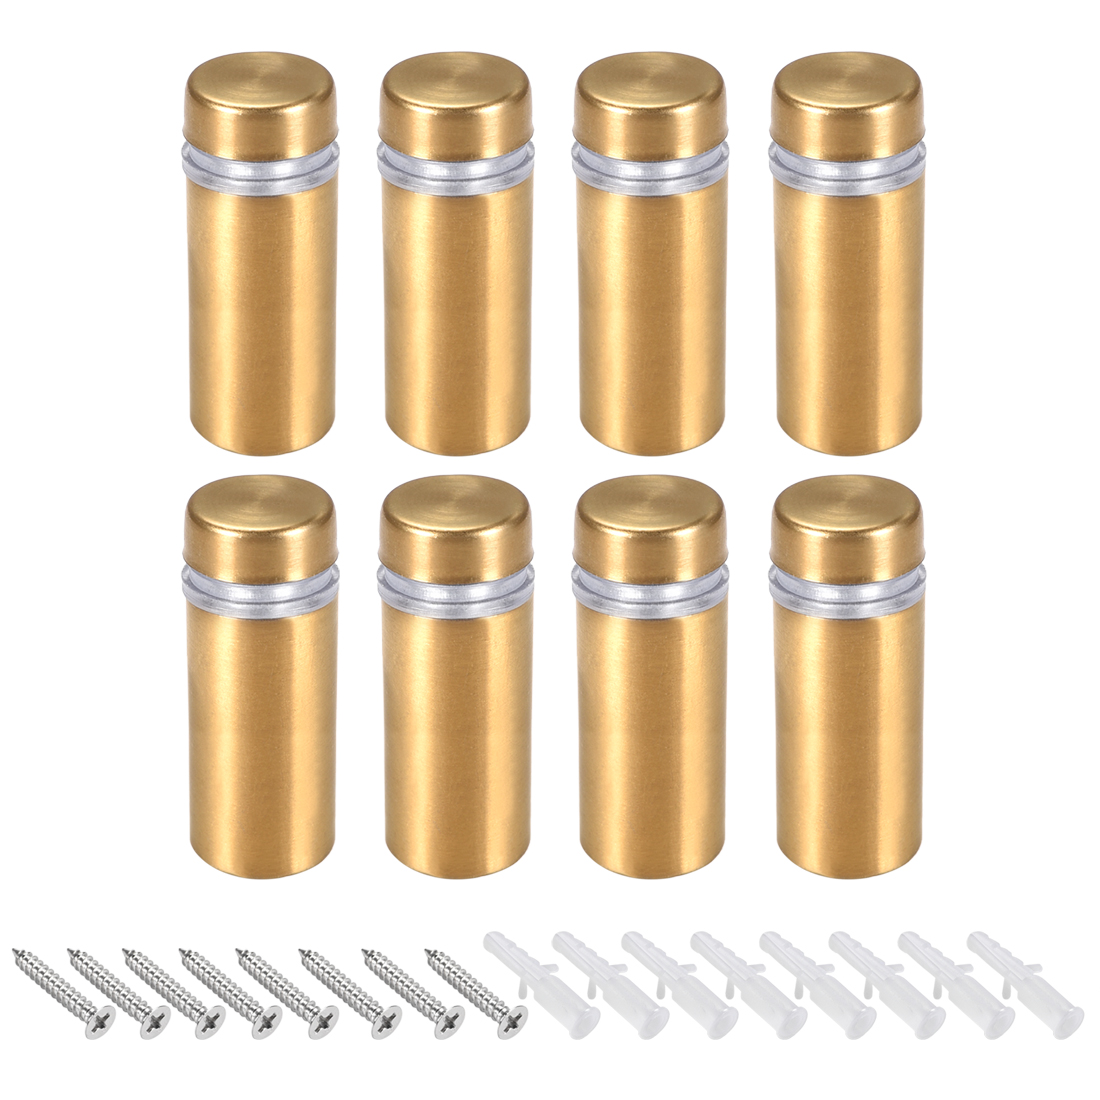 Glass Standoff Mount Wall Standoff Nails 12mm Dia 32mm Length Golden 8 Pcs